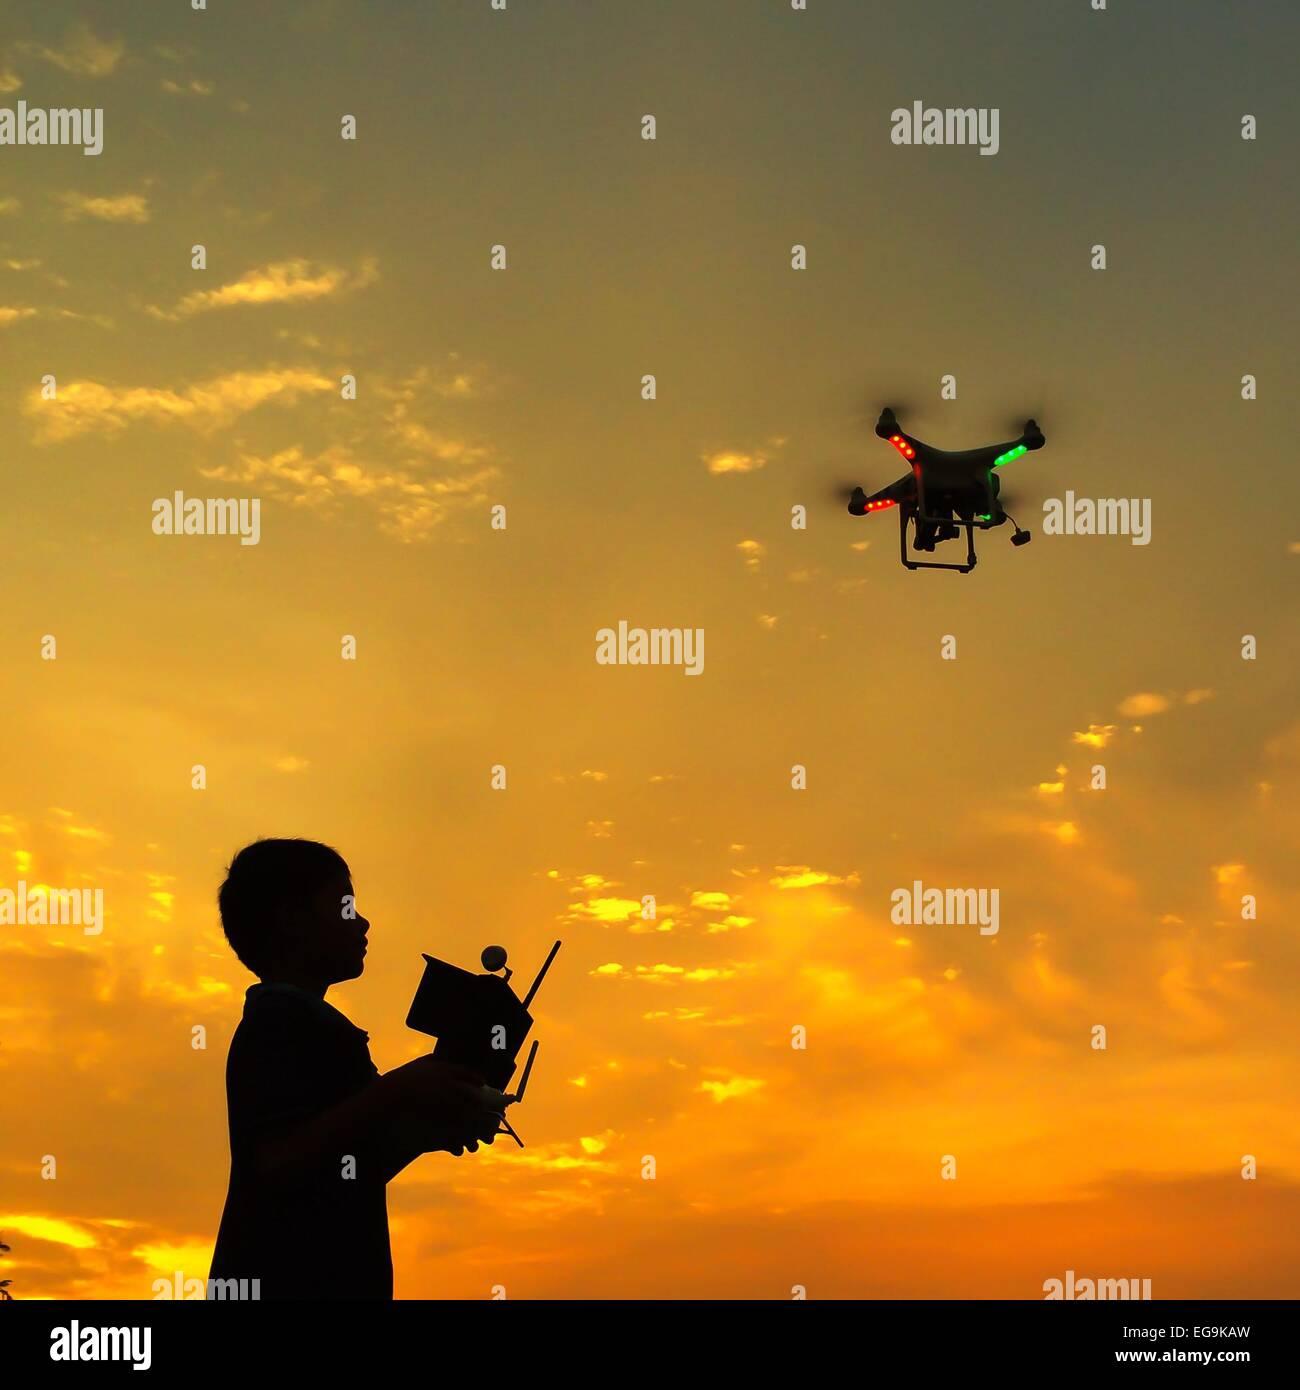 Silhouette der junge fliegen eine Drohne bei Sonnenuntergang Stockbild